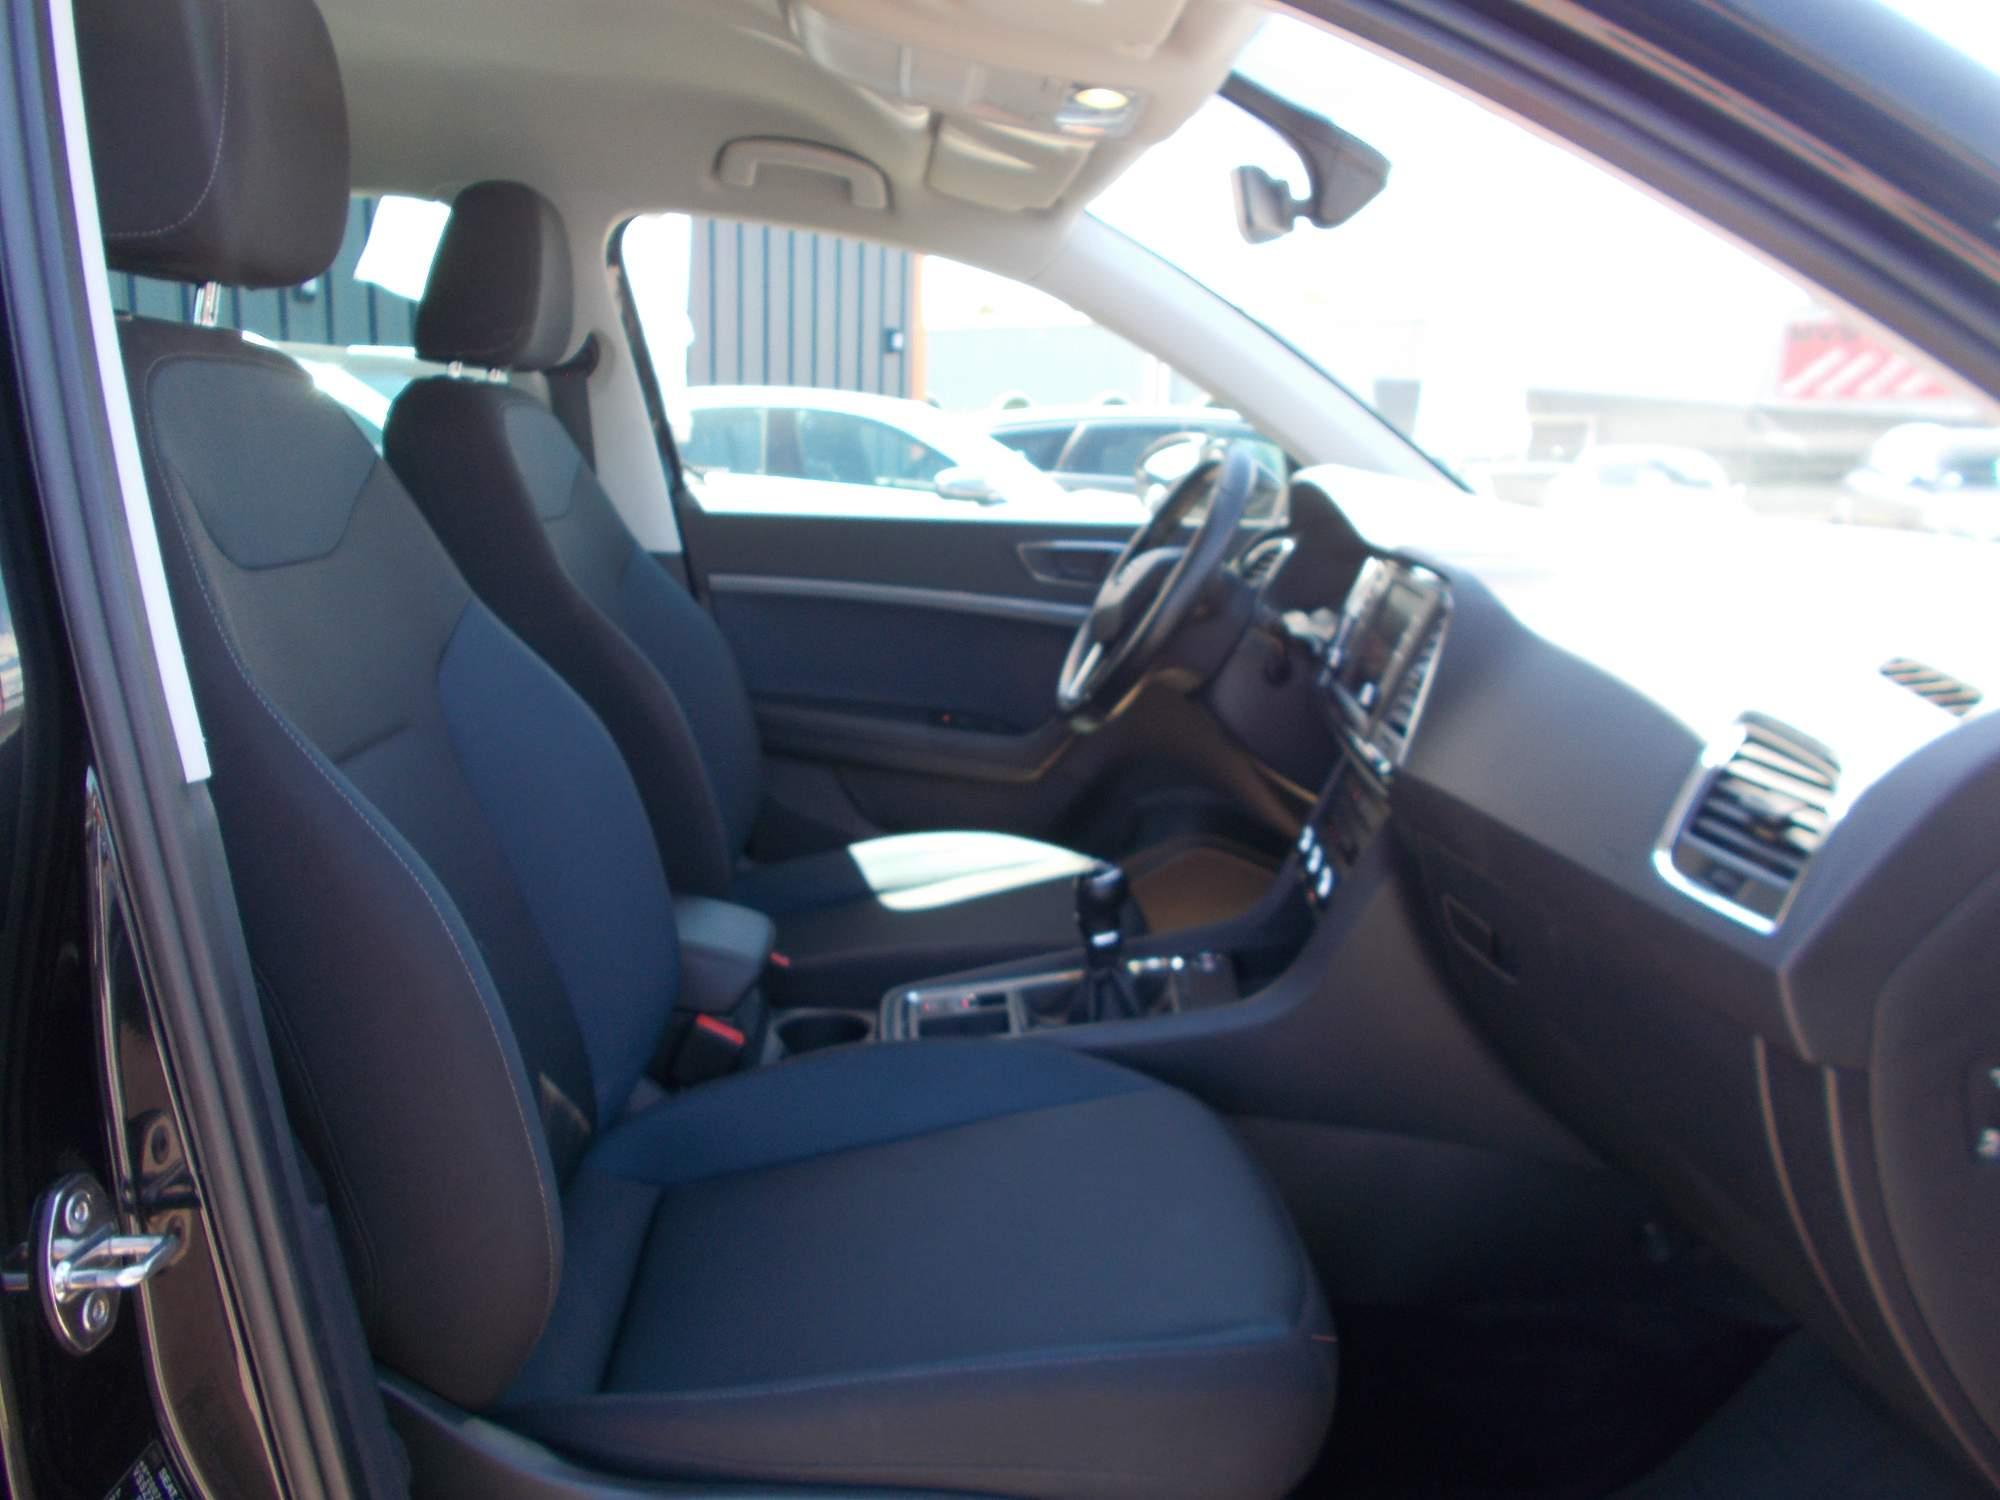 Peugeot 308 Ii 1 6 Bluehdi 120 Cv Gt Line Bv6 Neuve Nos Occasions Vente Voitures D 39 Occasion Et